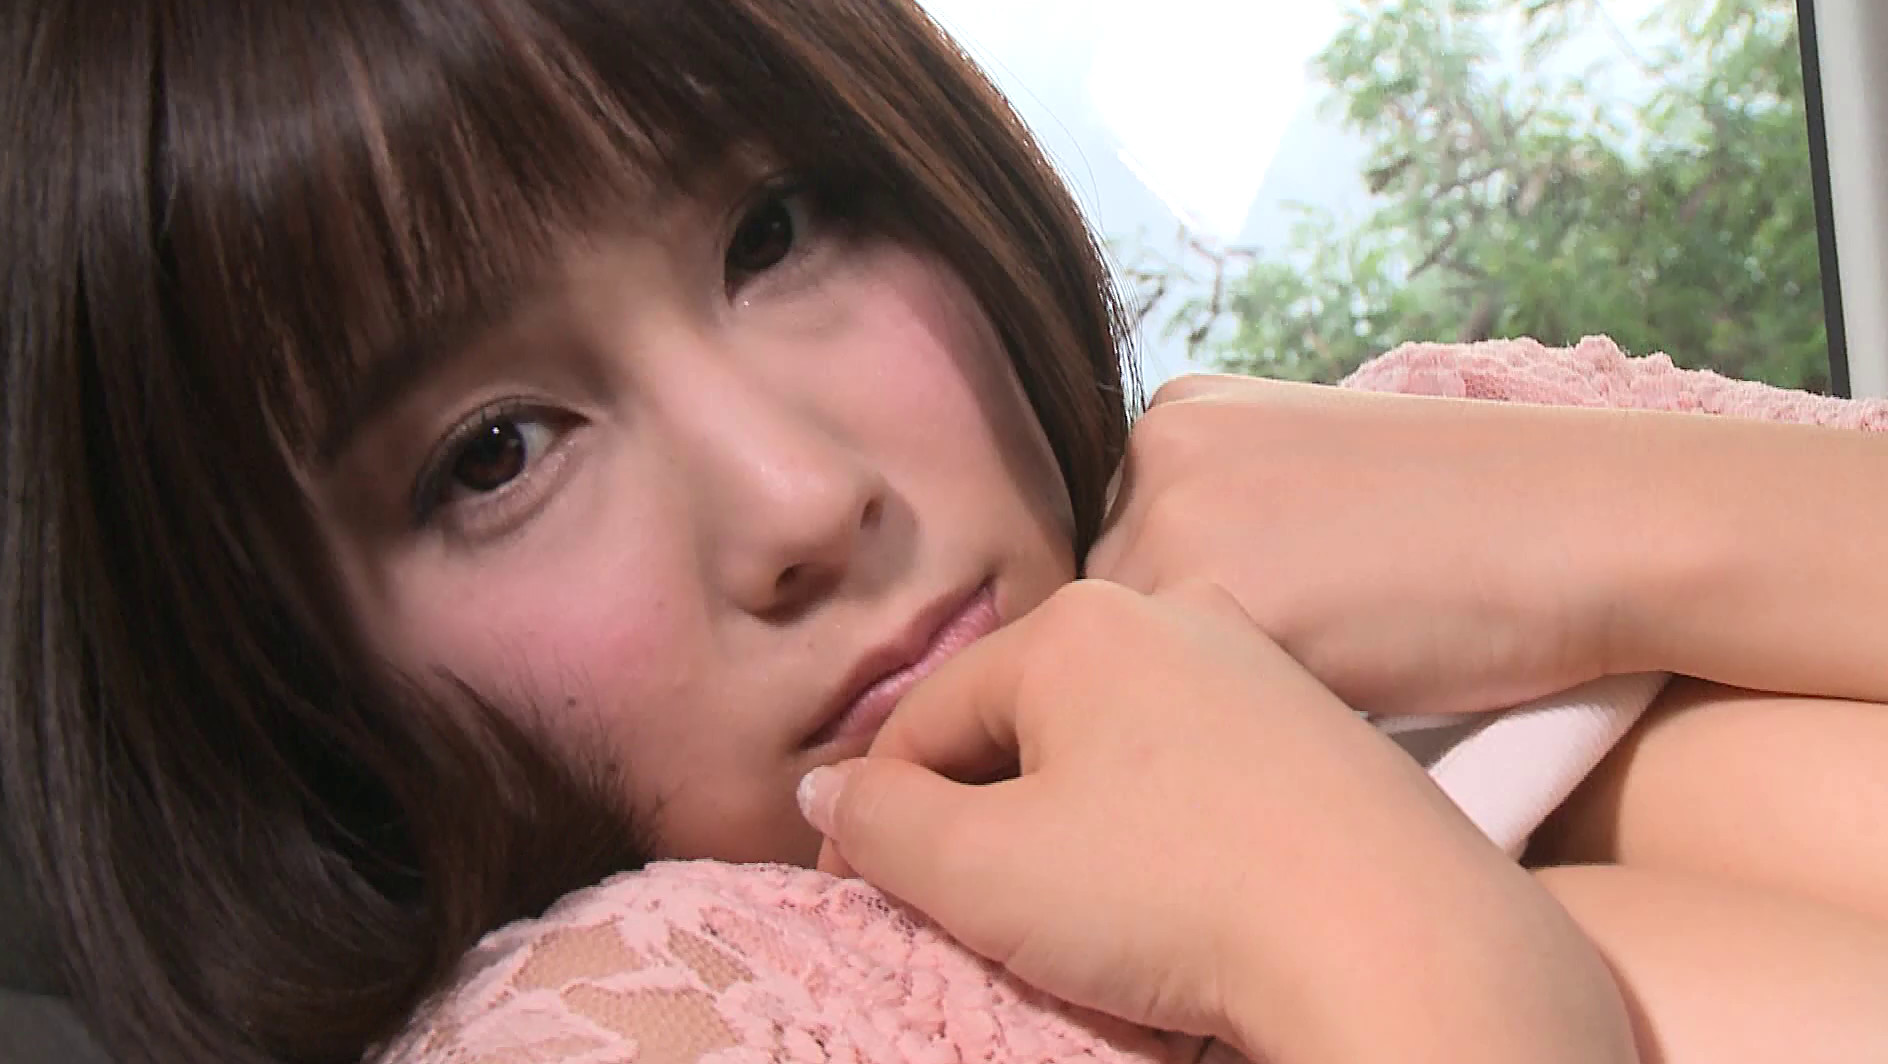 ワンちゃん 犬童美乃梨11